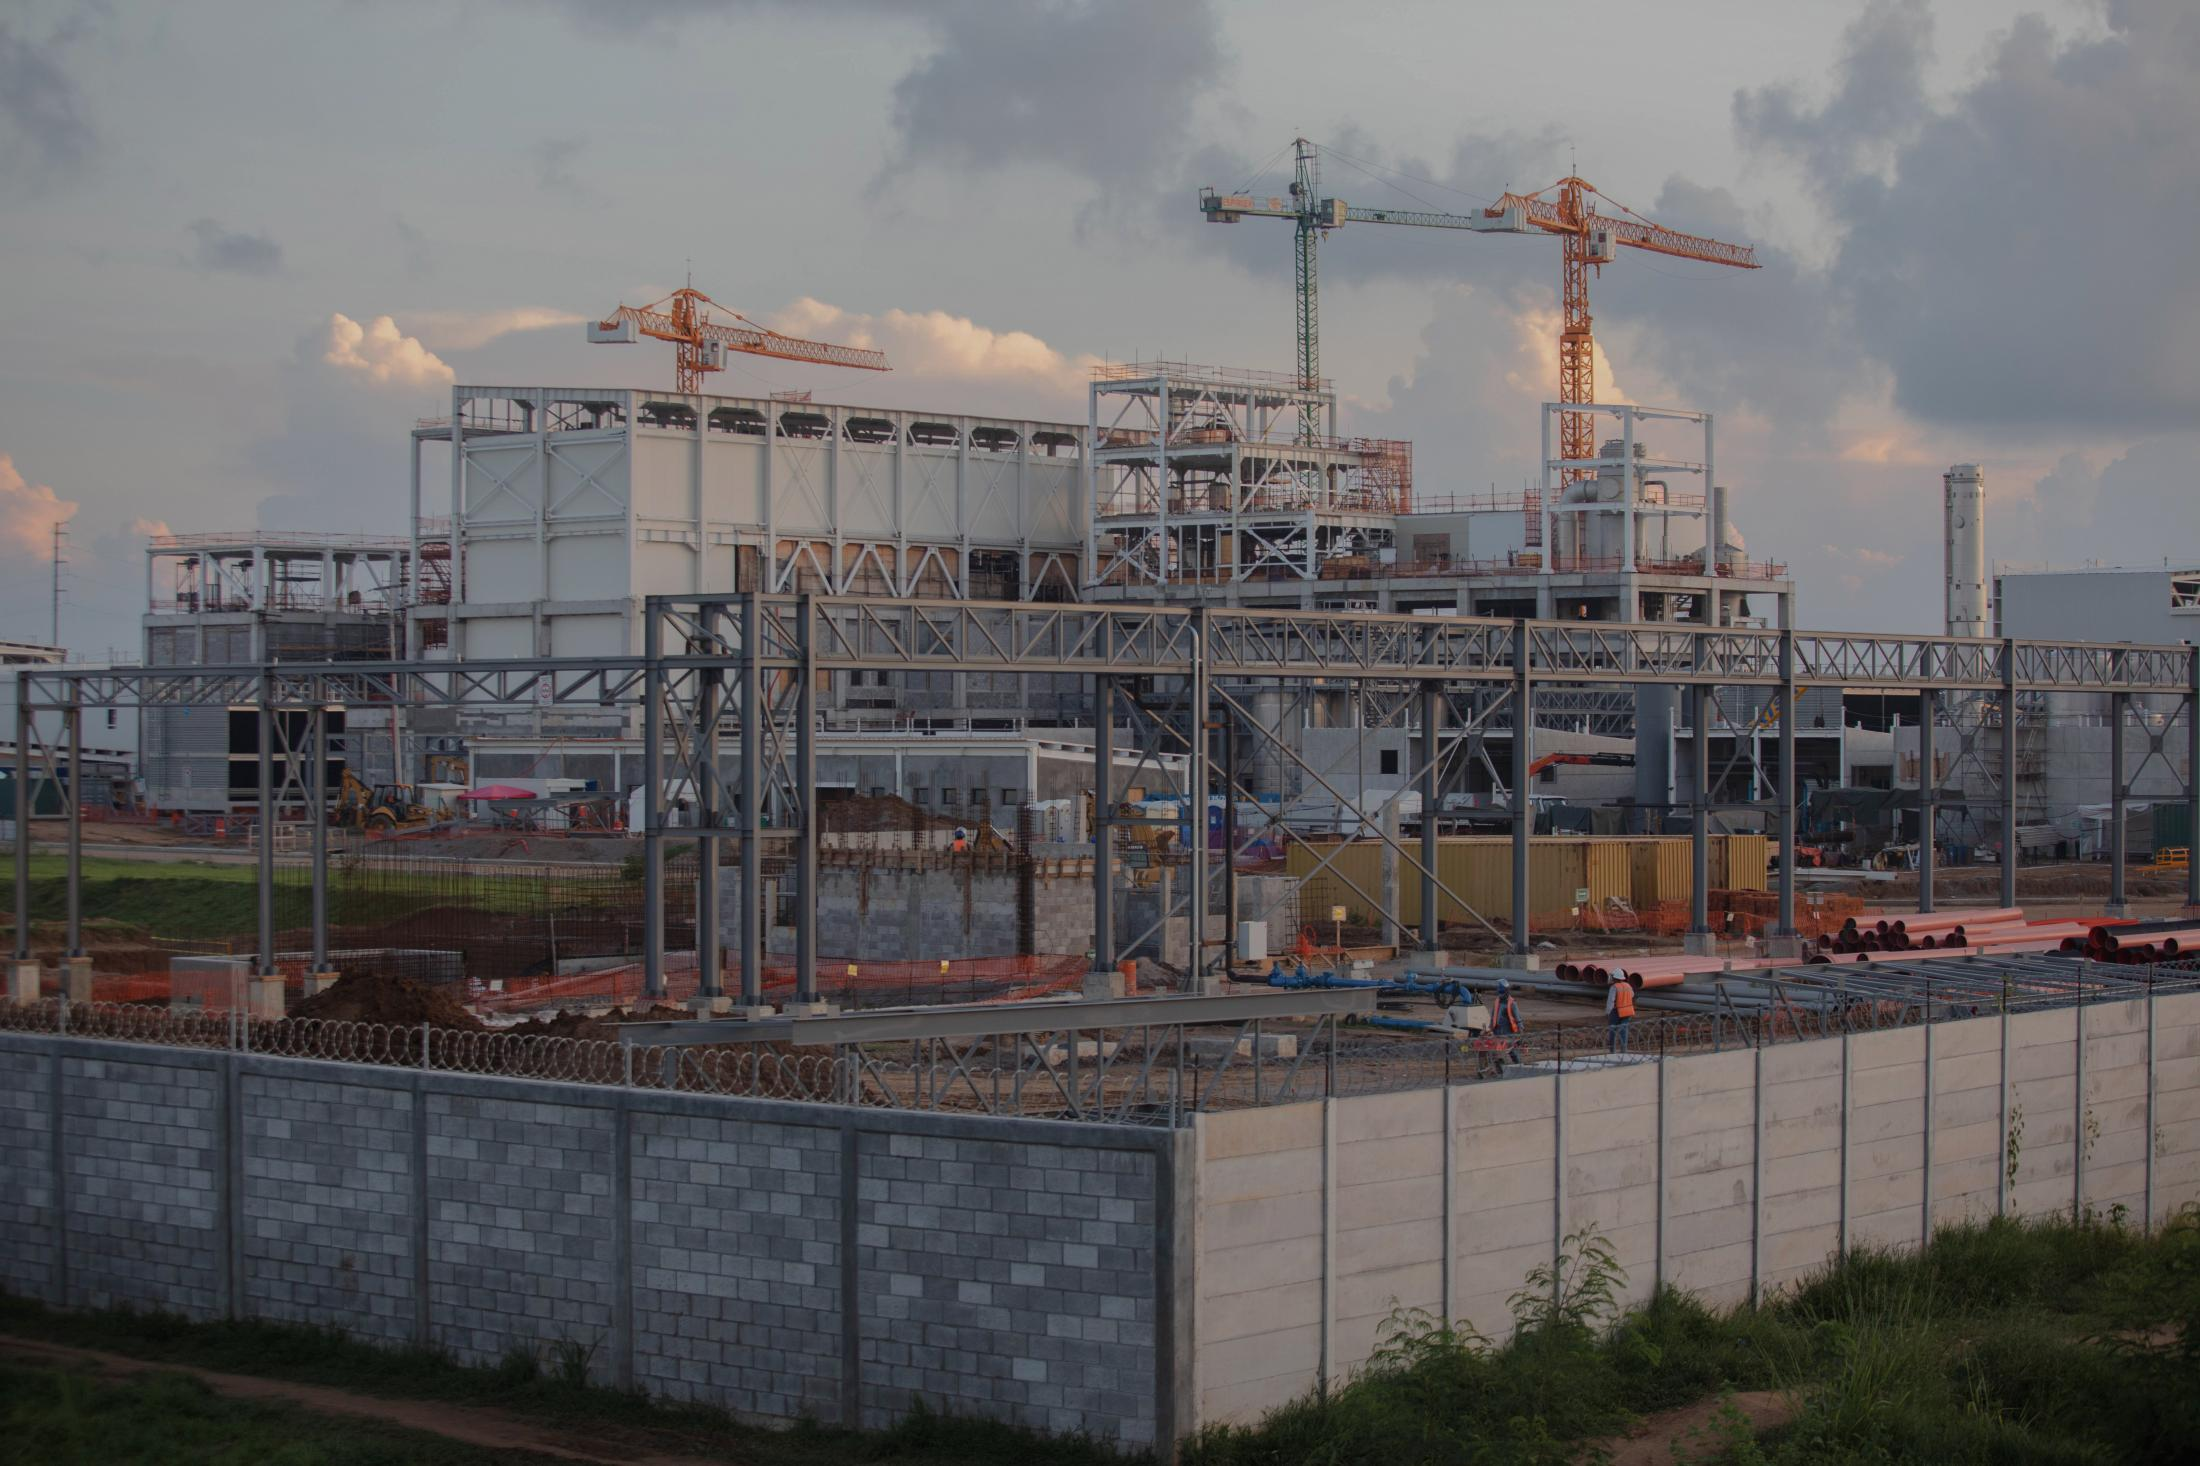 La planta de Nestlé en la ciudad de Veracruz se mantiene en construcción por lo que cada día llegan cientos de obreros a trabajar a marchas forzadas. De acuerdo a los reportes de la empresa, esta fábrica será la más grande de América Latina y una de las principales en todo el mundo.